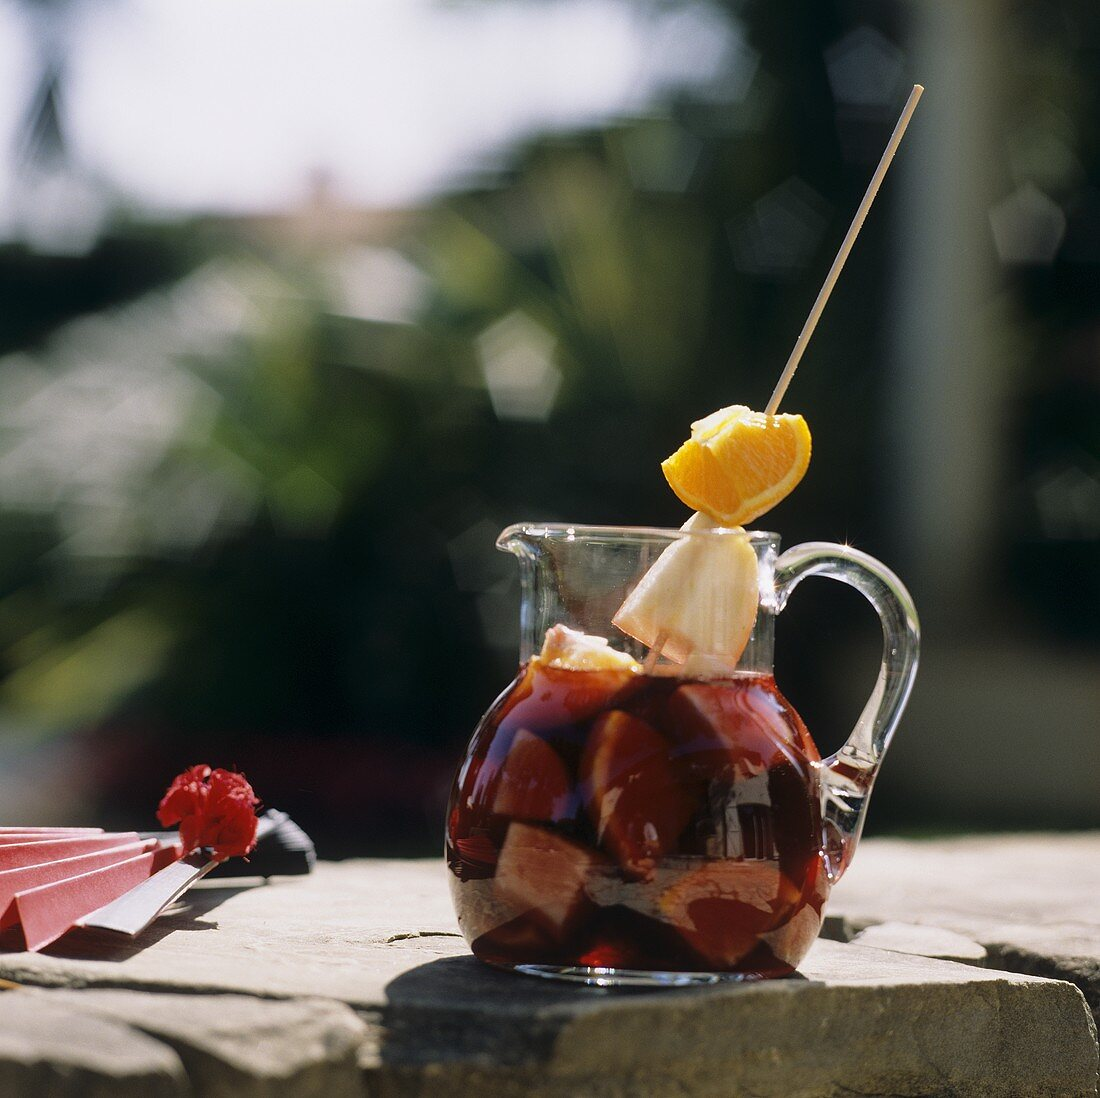 Sangria in glass jug on stone wall, a fan beside it